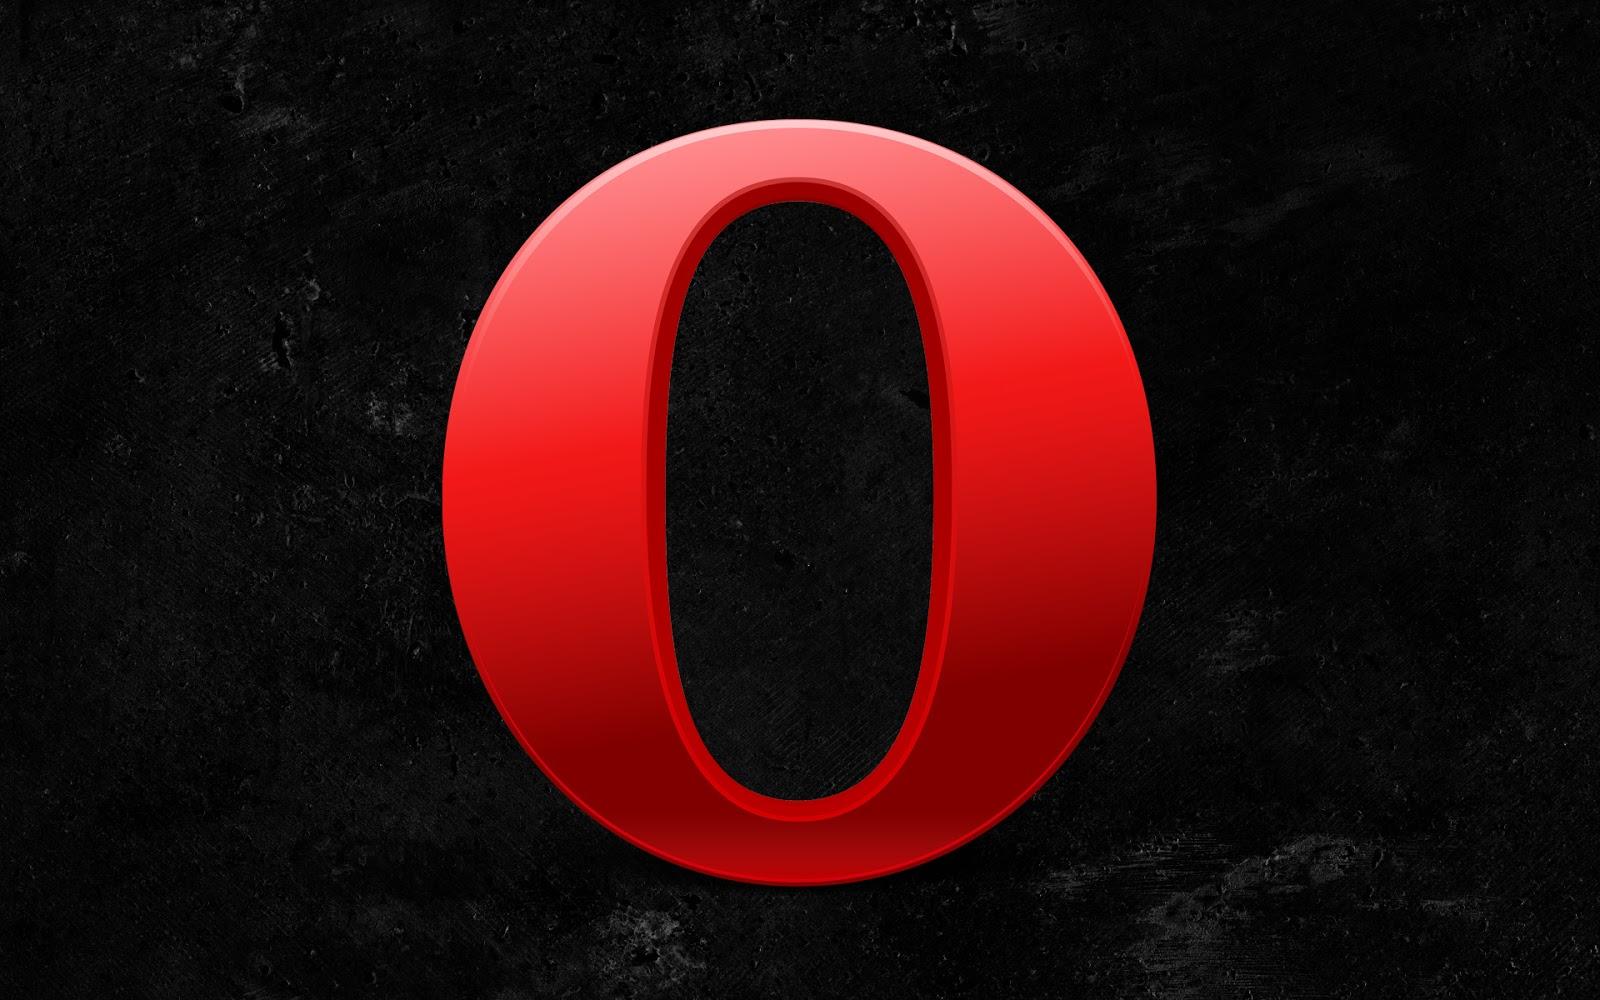 http://3.bp.blogspot.com/-HJUv8Pf_u60/UPRLp8_YyjI/AAAAAAAAB88/NaWMsaKSgxU/s1600/Opera+Browser+Logo+HD+Wallpaper.jpg